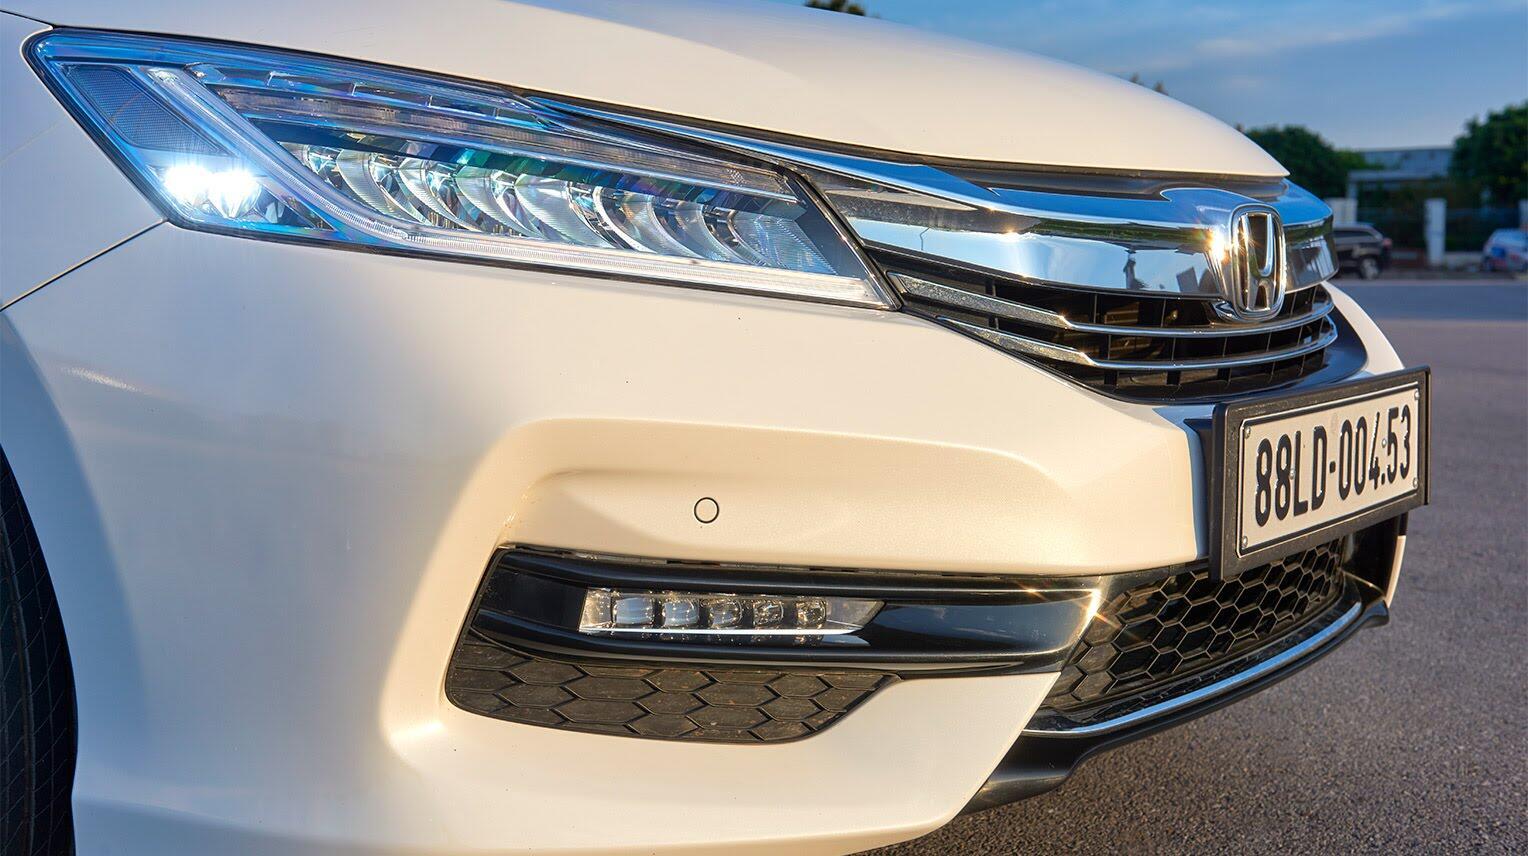 Đánh giá Honda Accord 2016: Ưa nhìn hơn, trang bị tốt hơn và lái phấn khích hơn - Hình 4